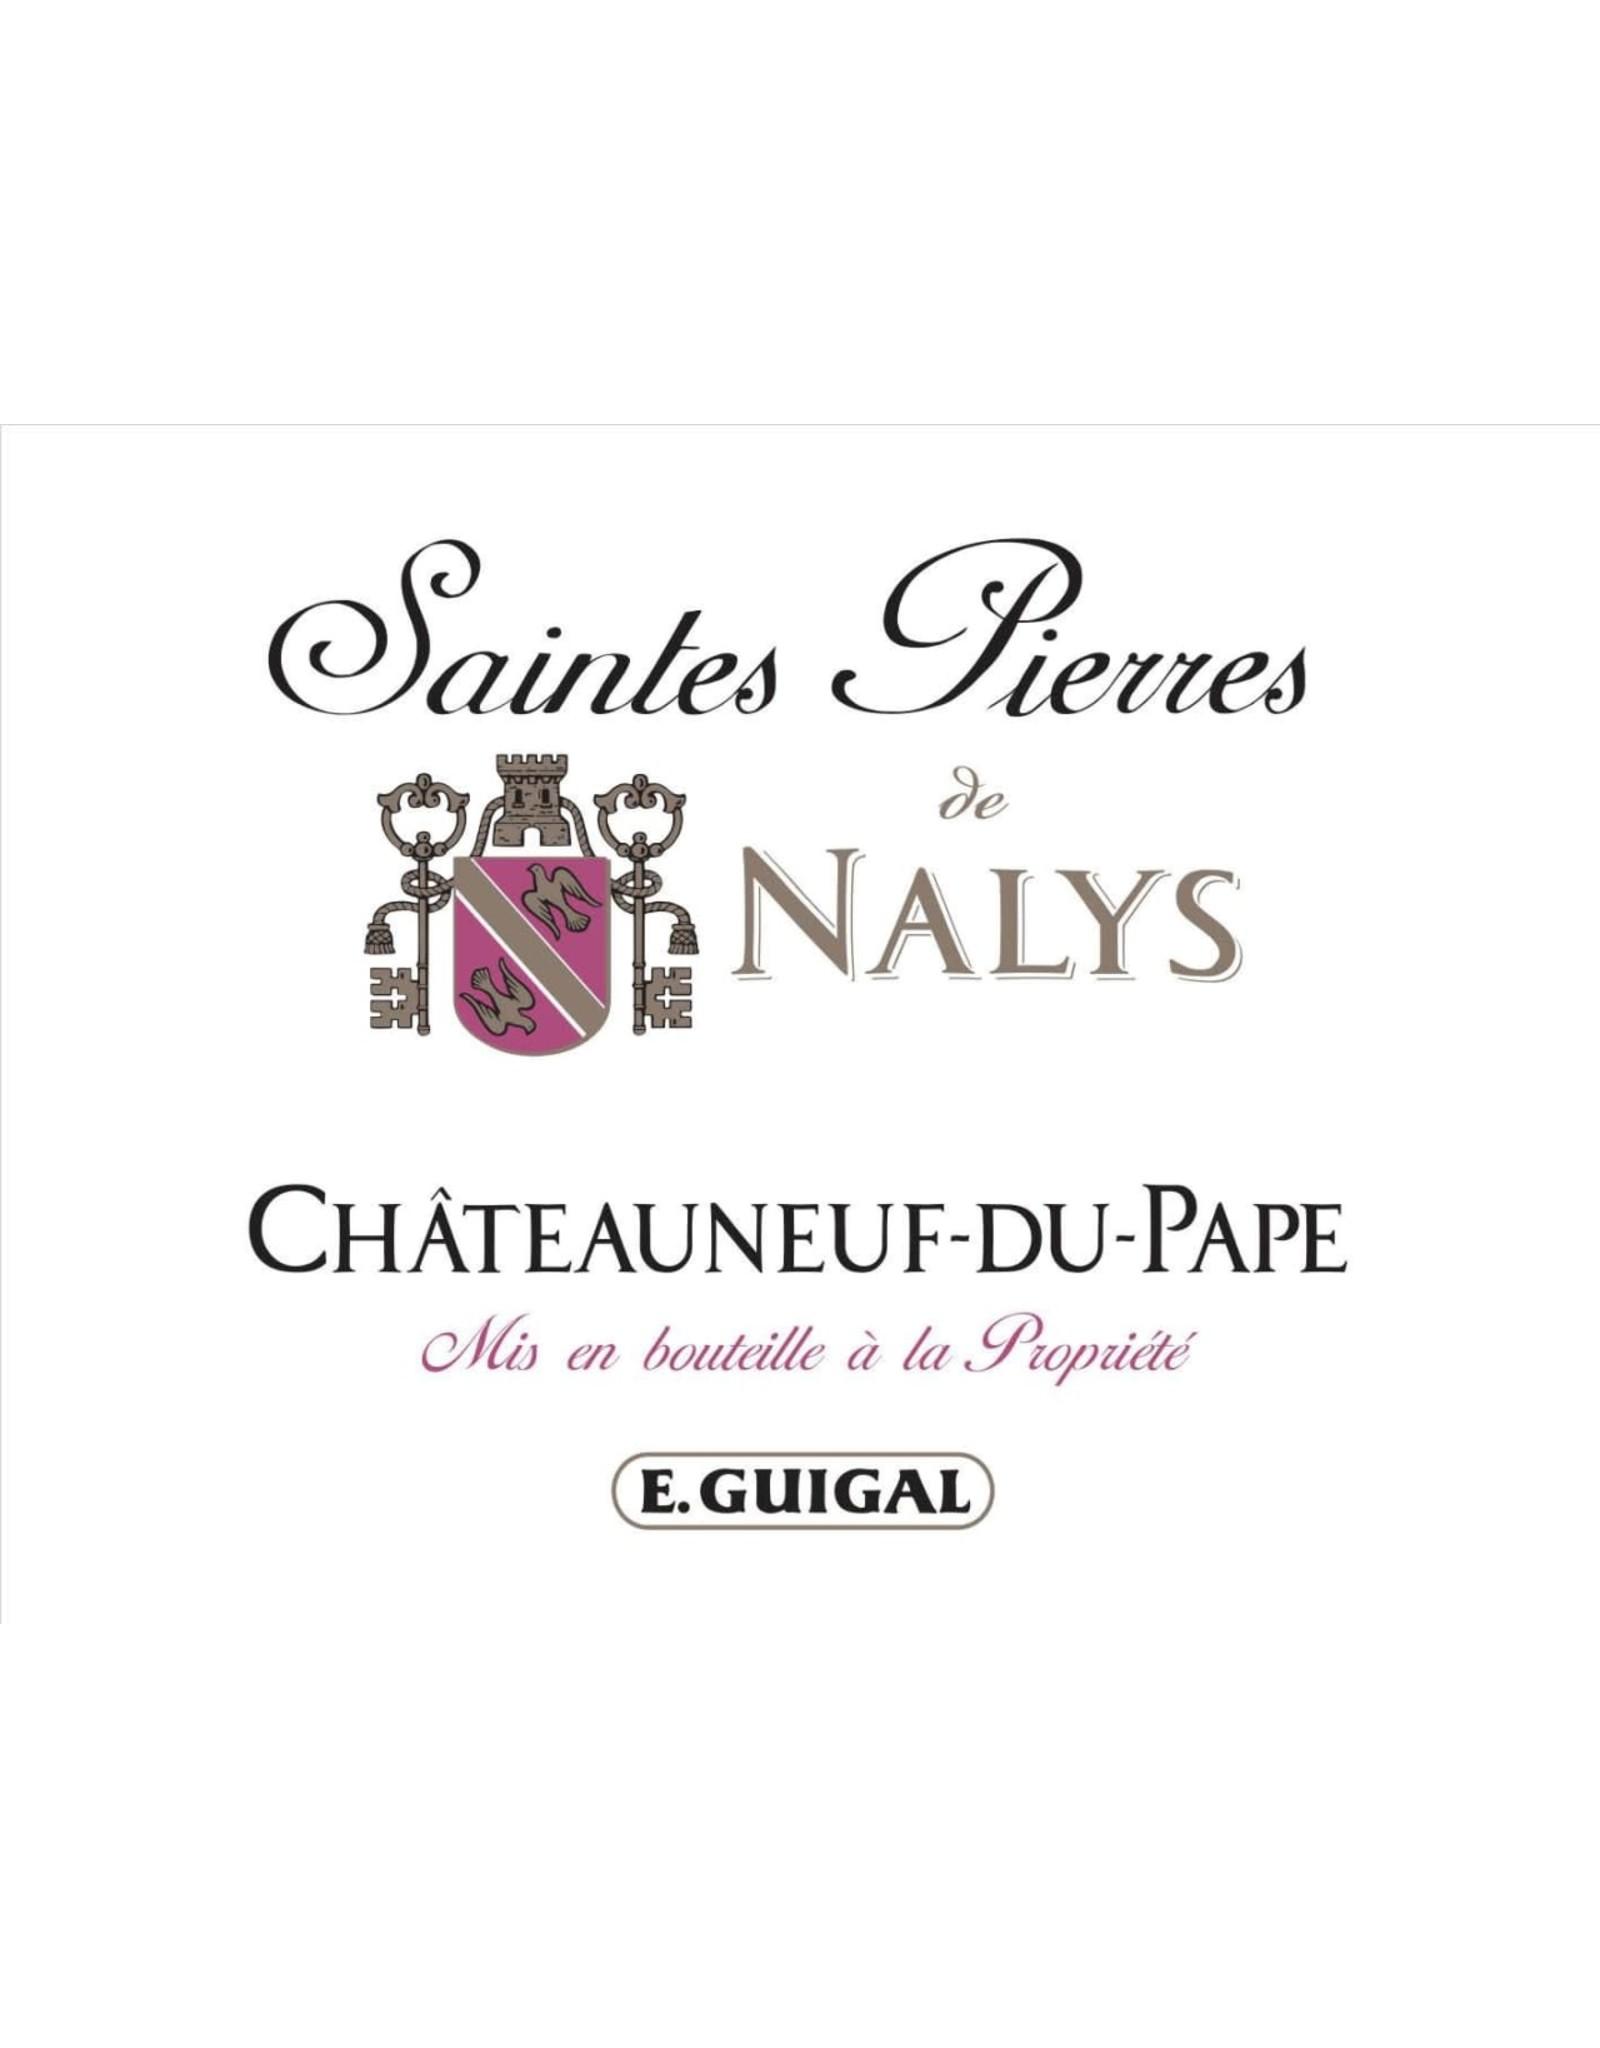 Chateau de Nalys Saintes Pierres de Nalys Chateauneuf-du-Pape Rouge 2016